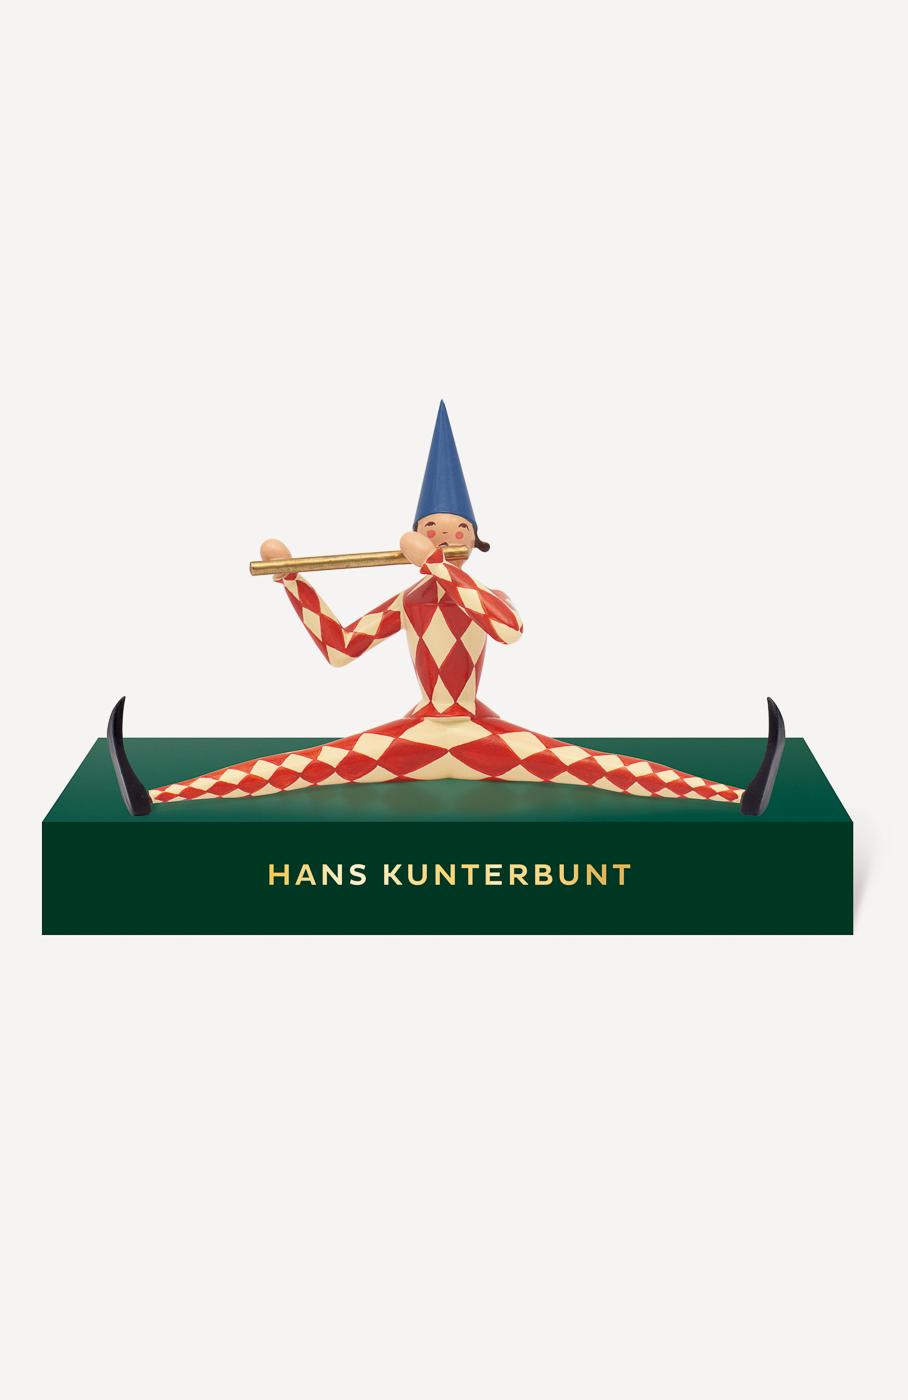 Hans Kunterbunt, klein, mit Podest